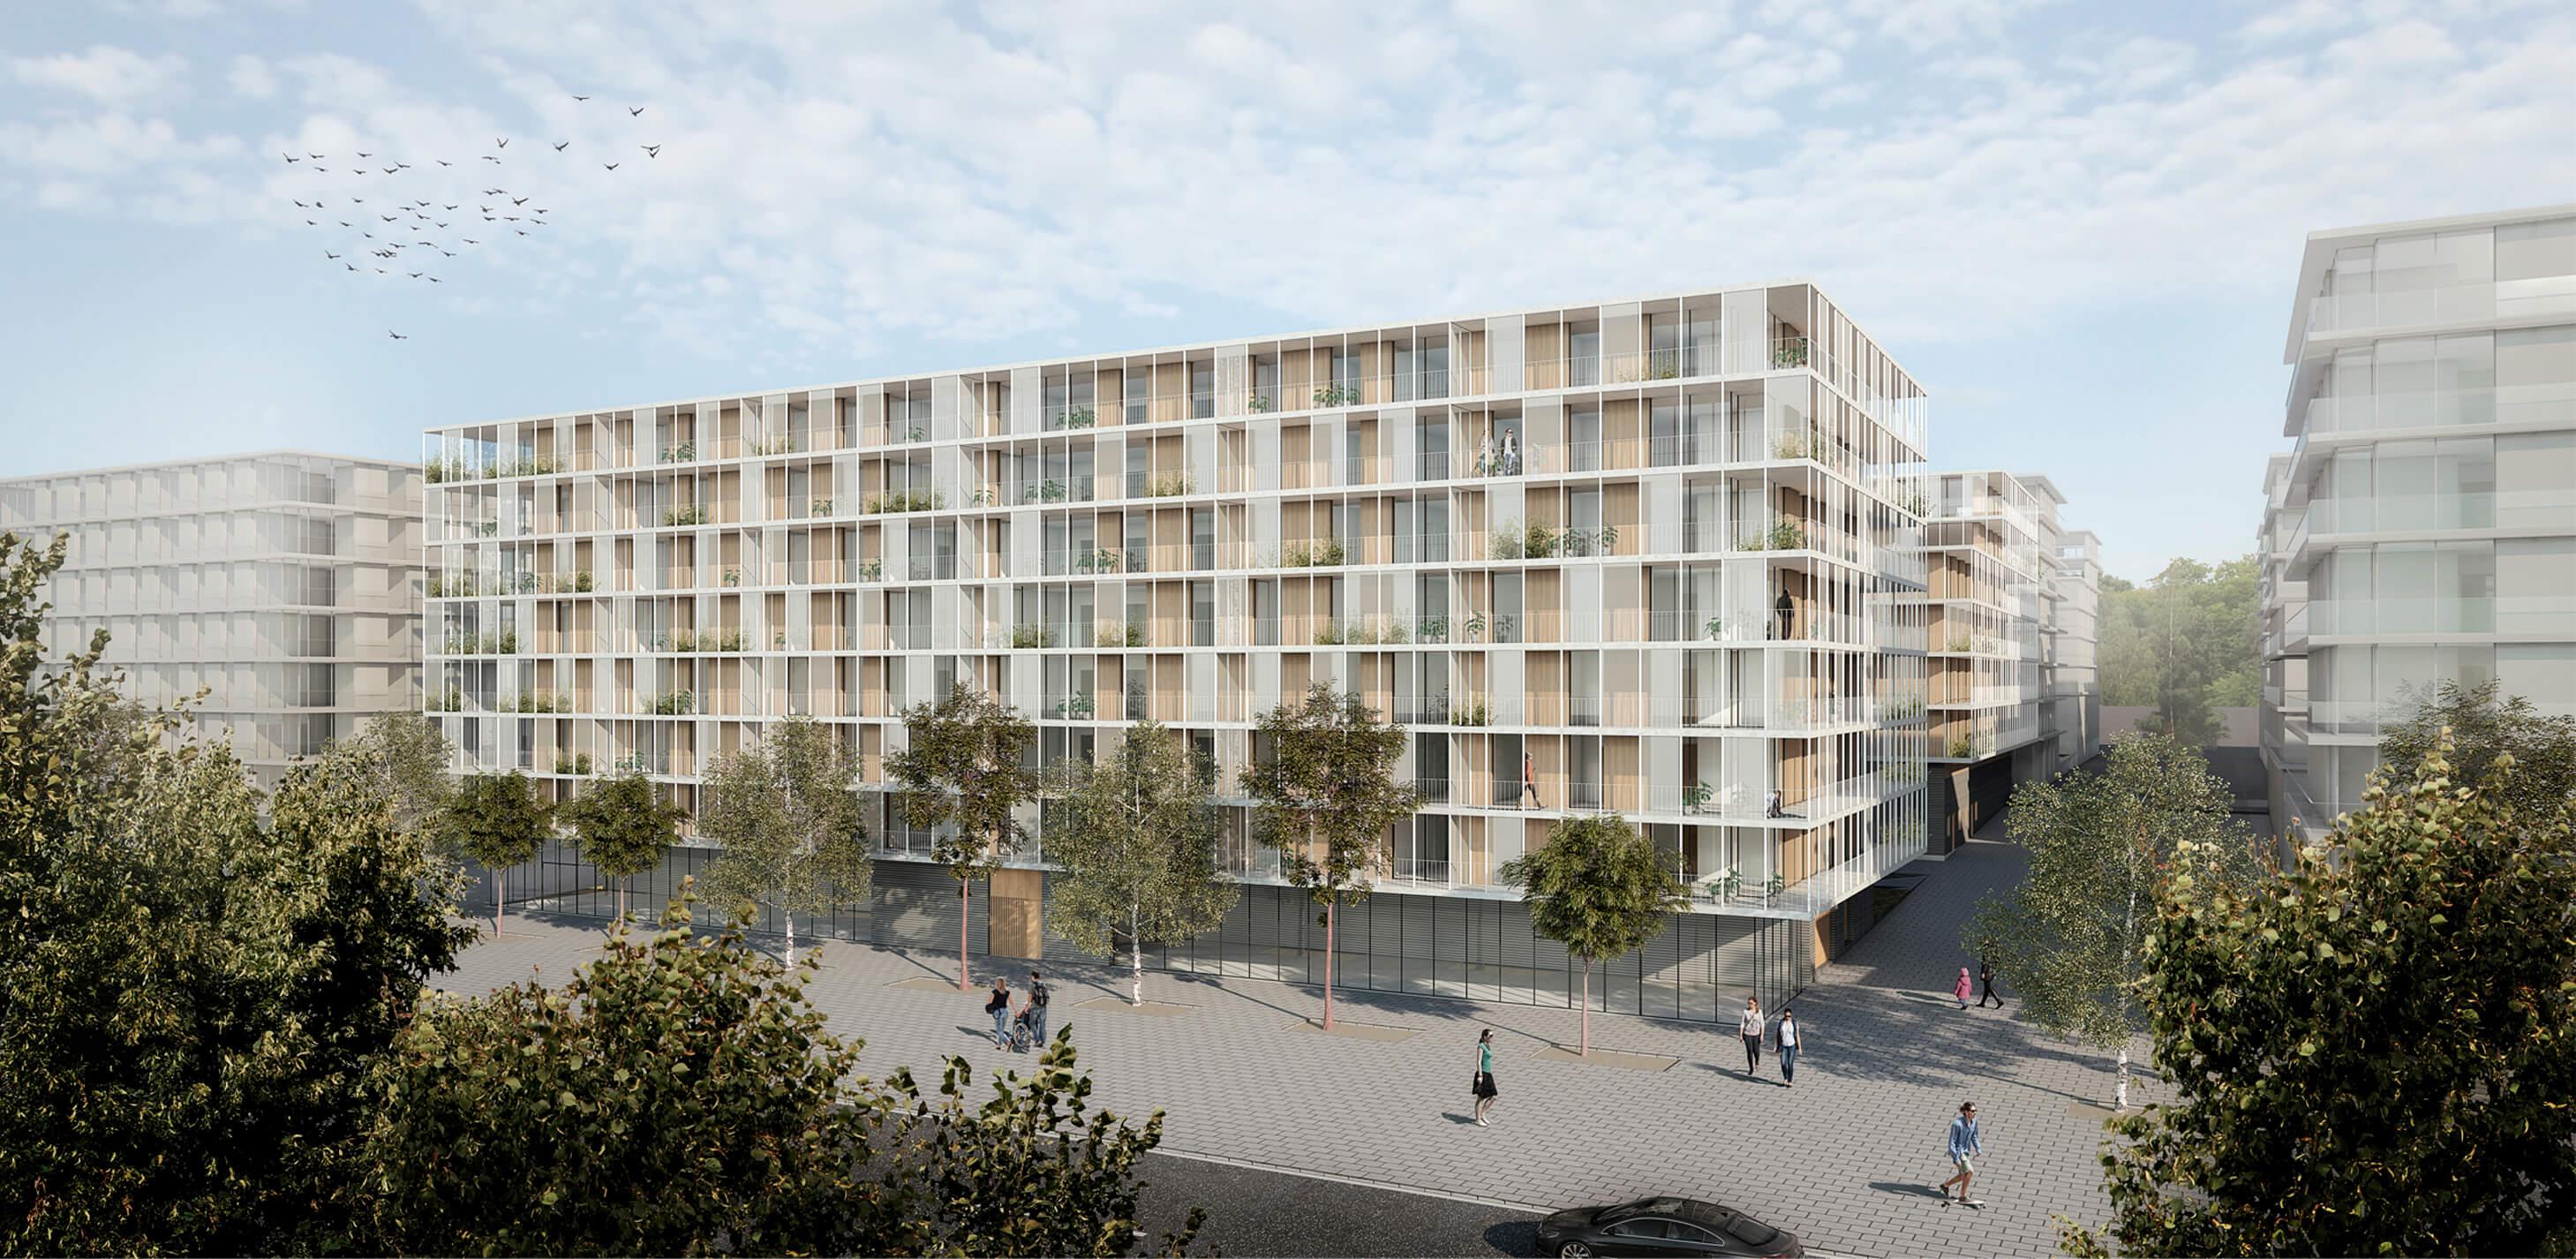 69-Promocion viviendas-Lluis Jubert arquitectura